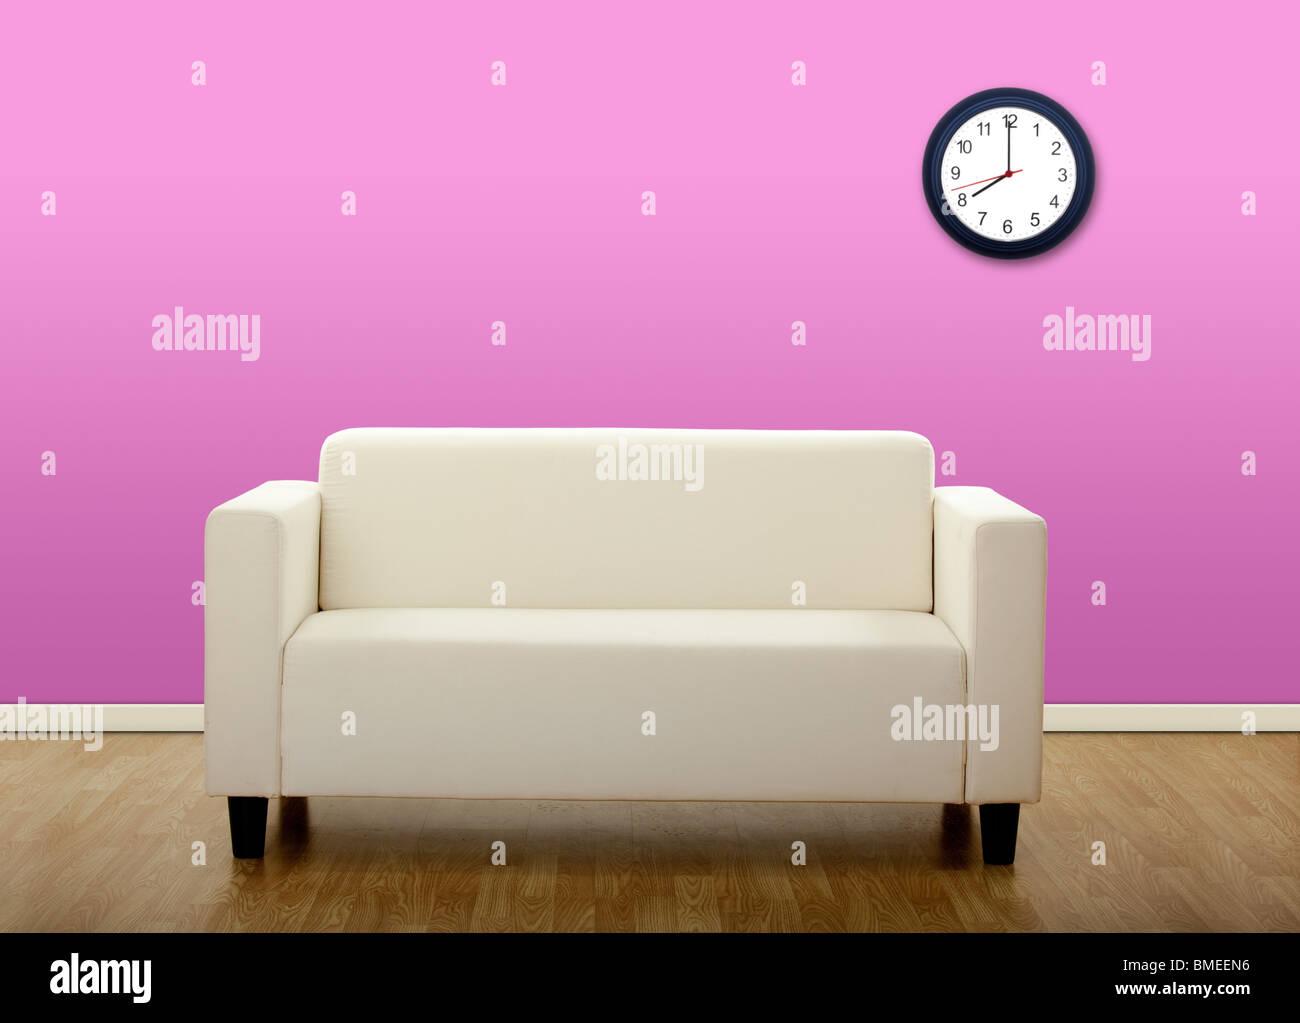 Imagen de una casa con un sofá en el centro Imagen De Stock